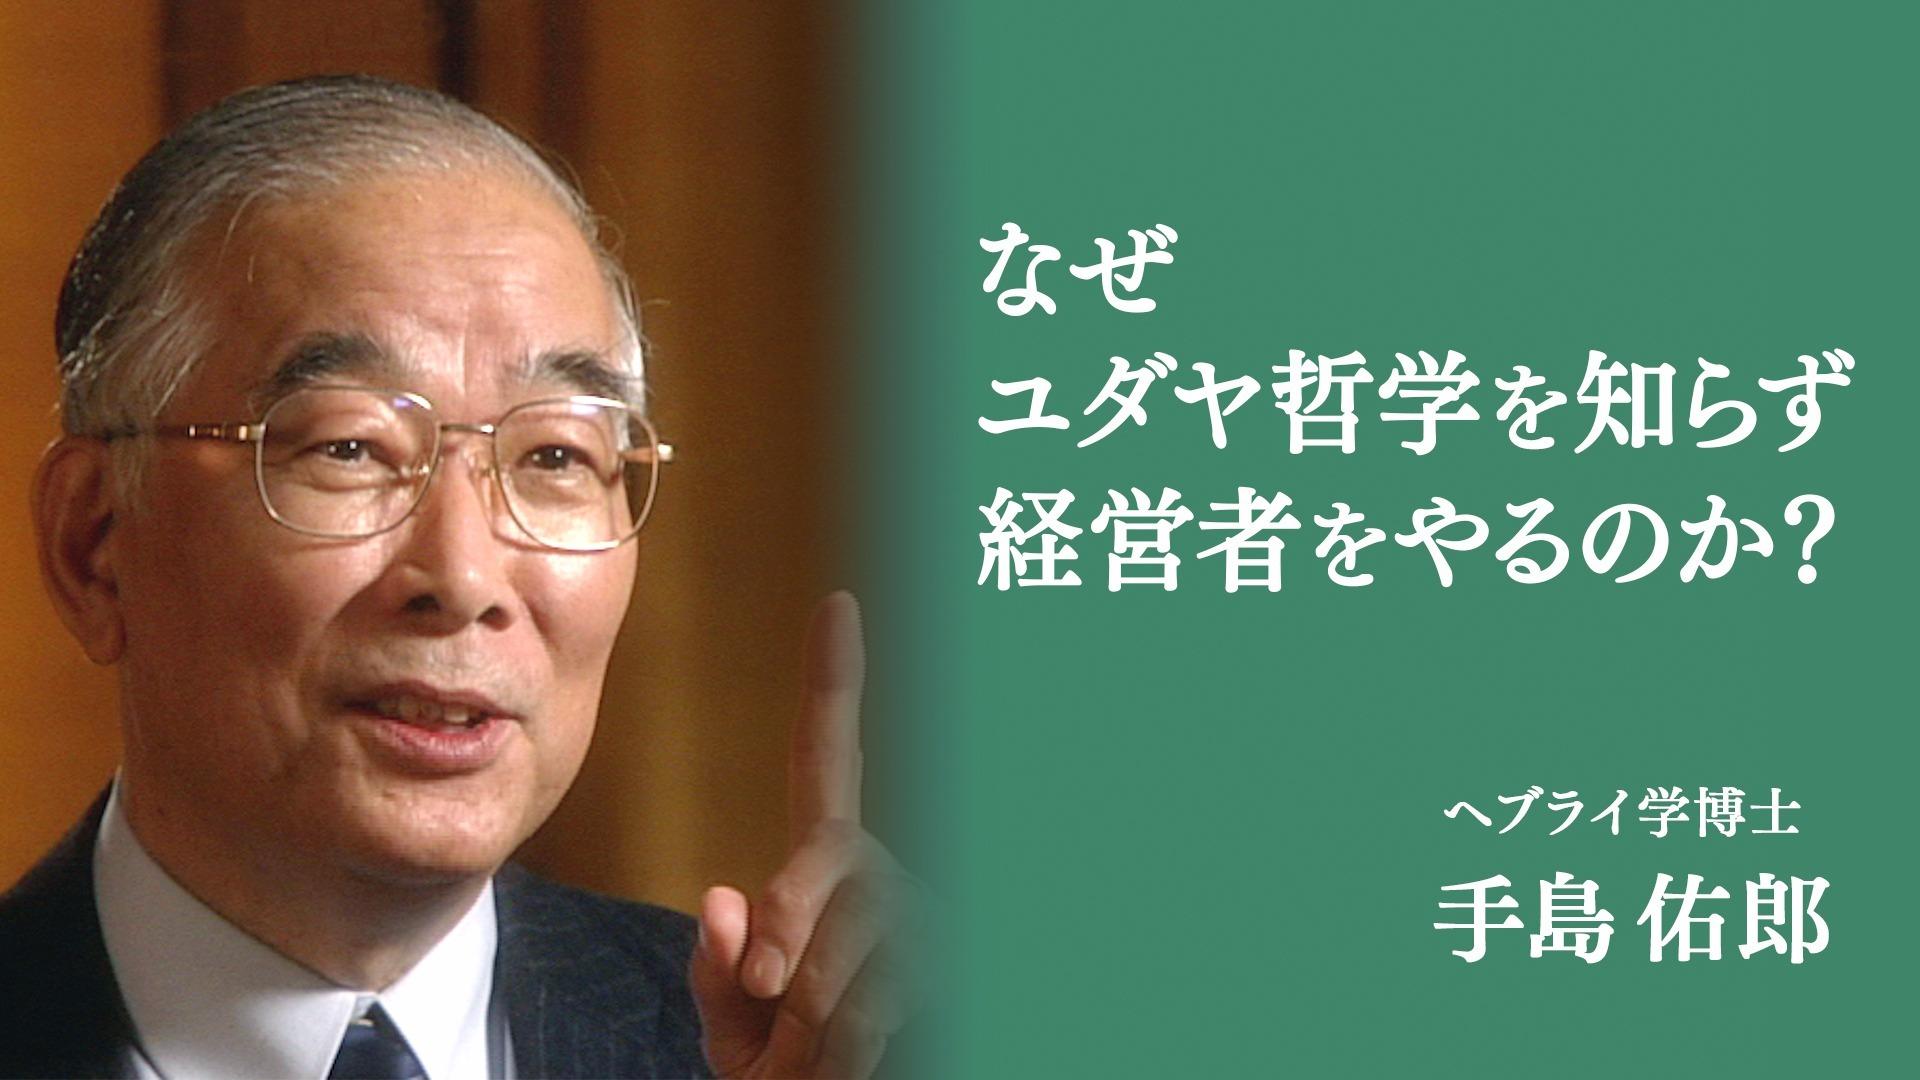 ヘブライ学博士 手島佑郎 なぜユダヤ哲学を知らず経営者をやるのか?